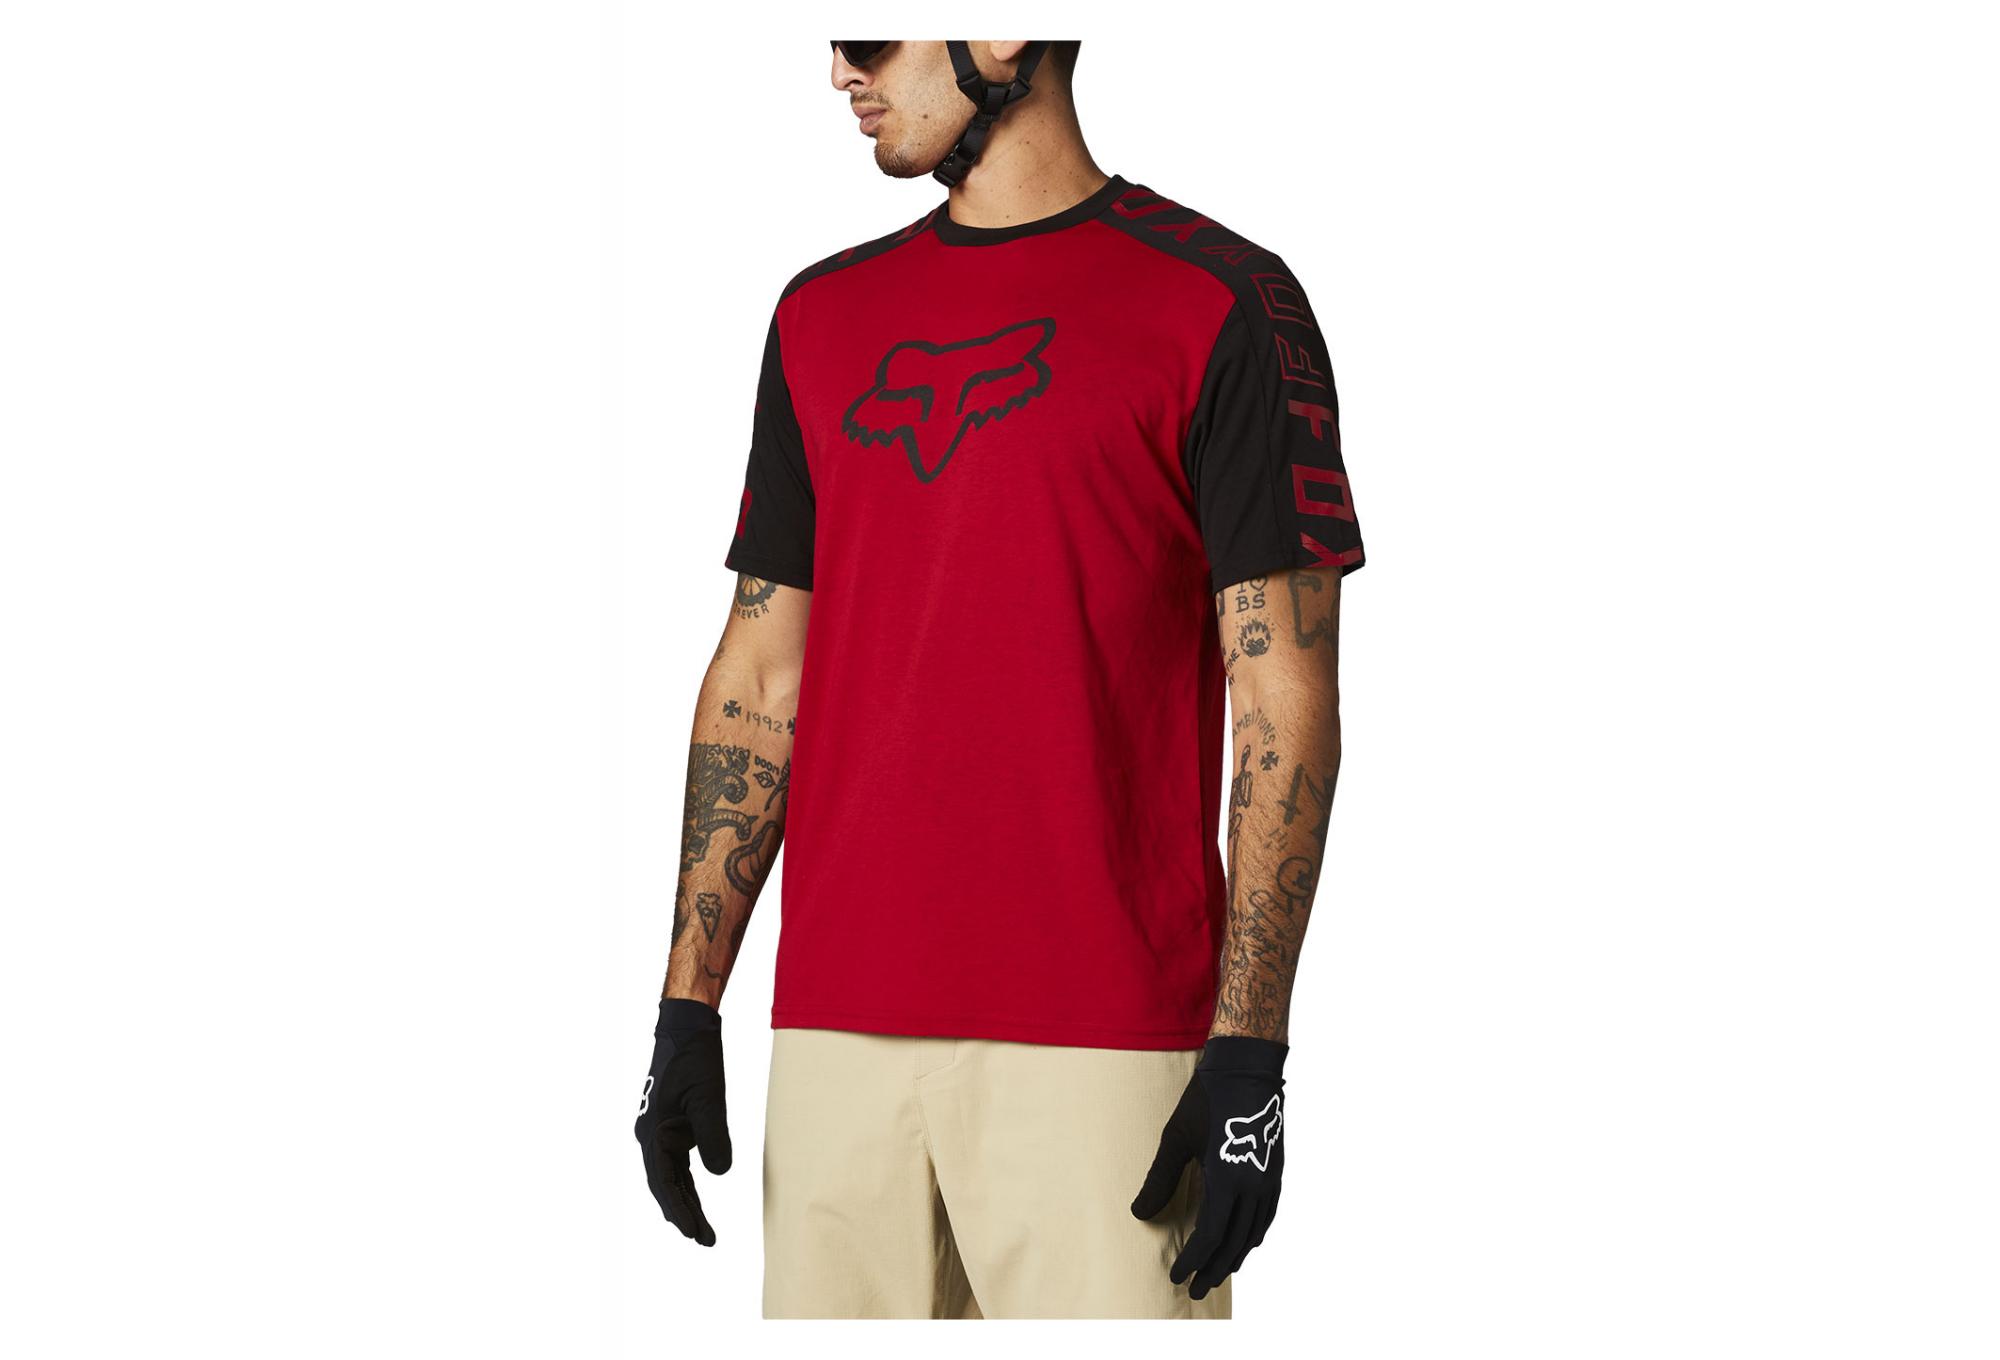 Maglietta Fox Altitude Nero Rosso maniche corte MTB mountain bike enduro